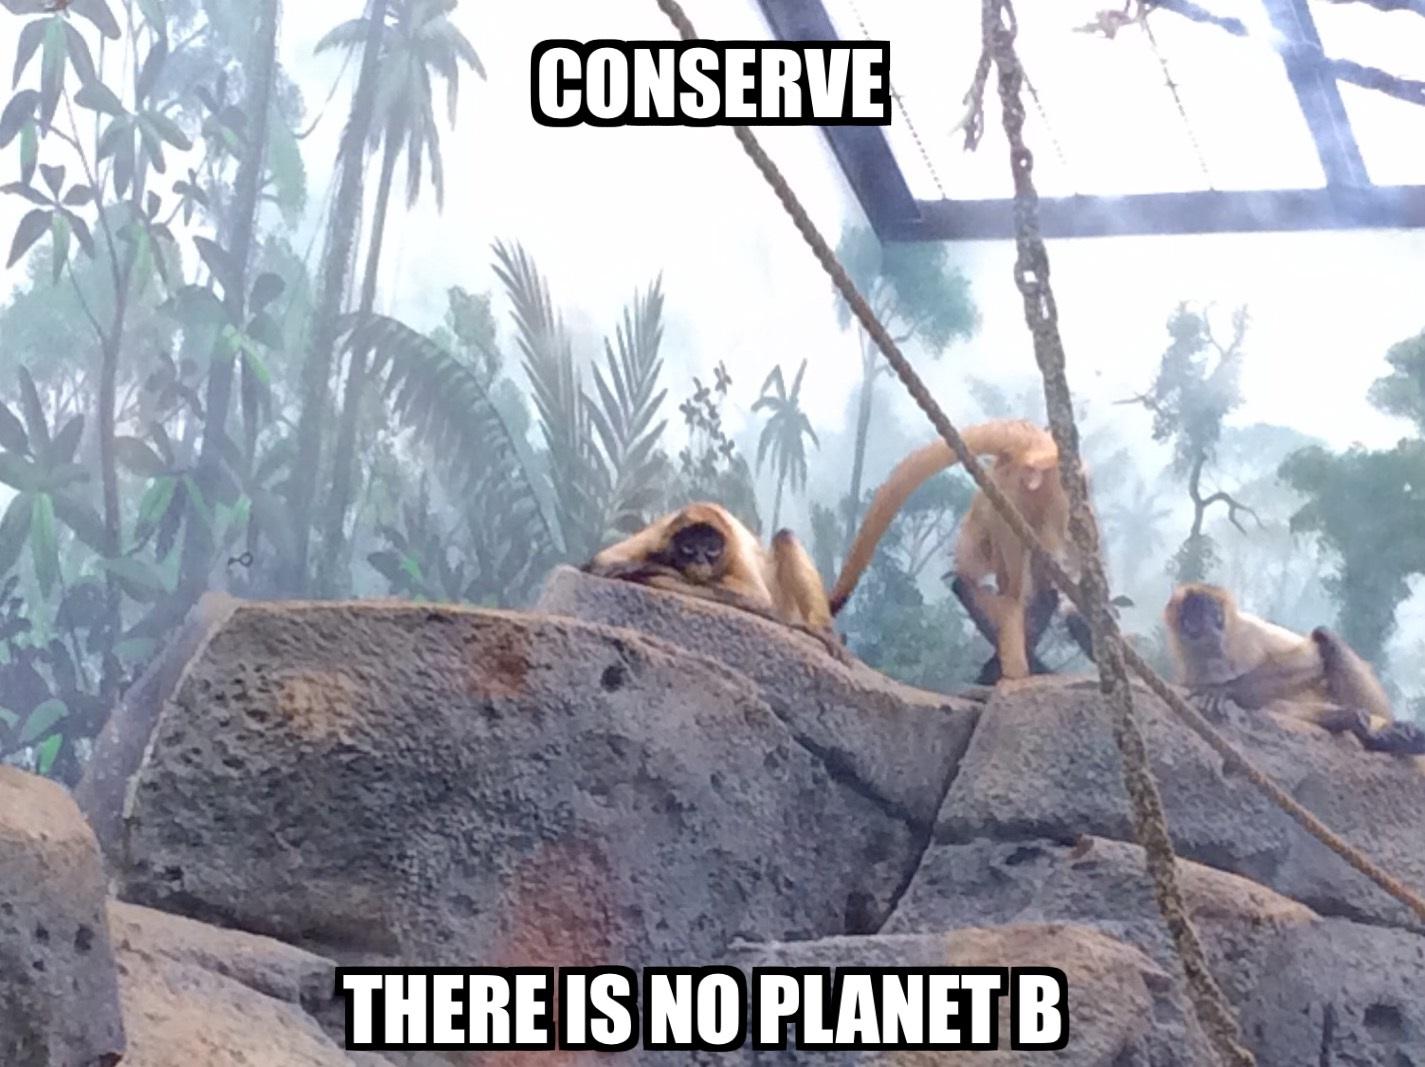 elizabeths-conservation-meme